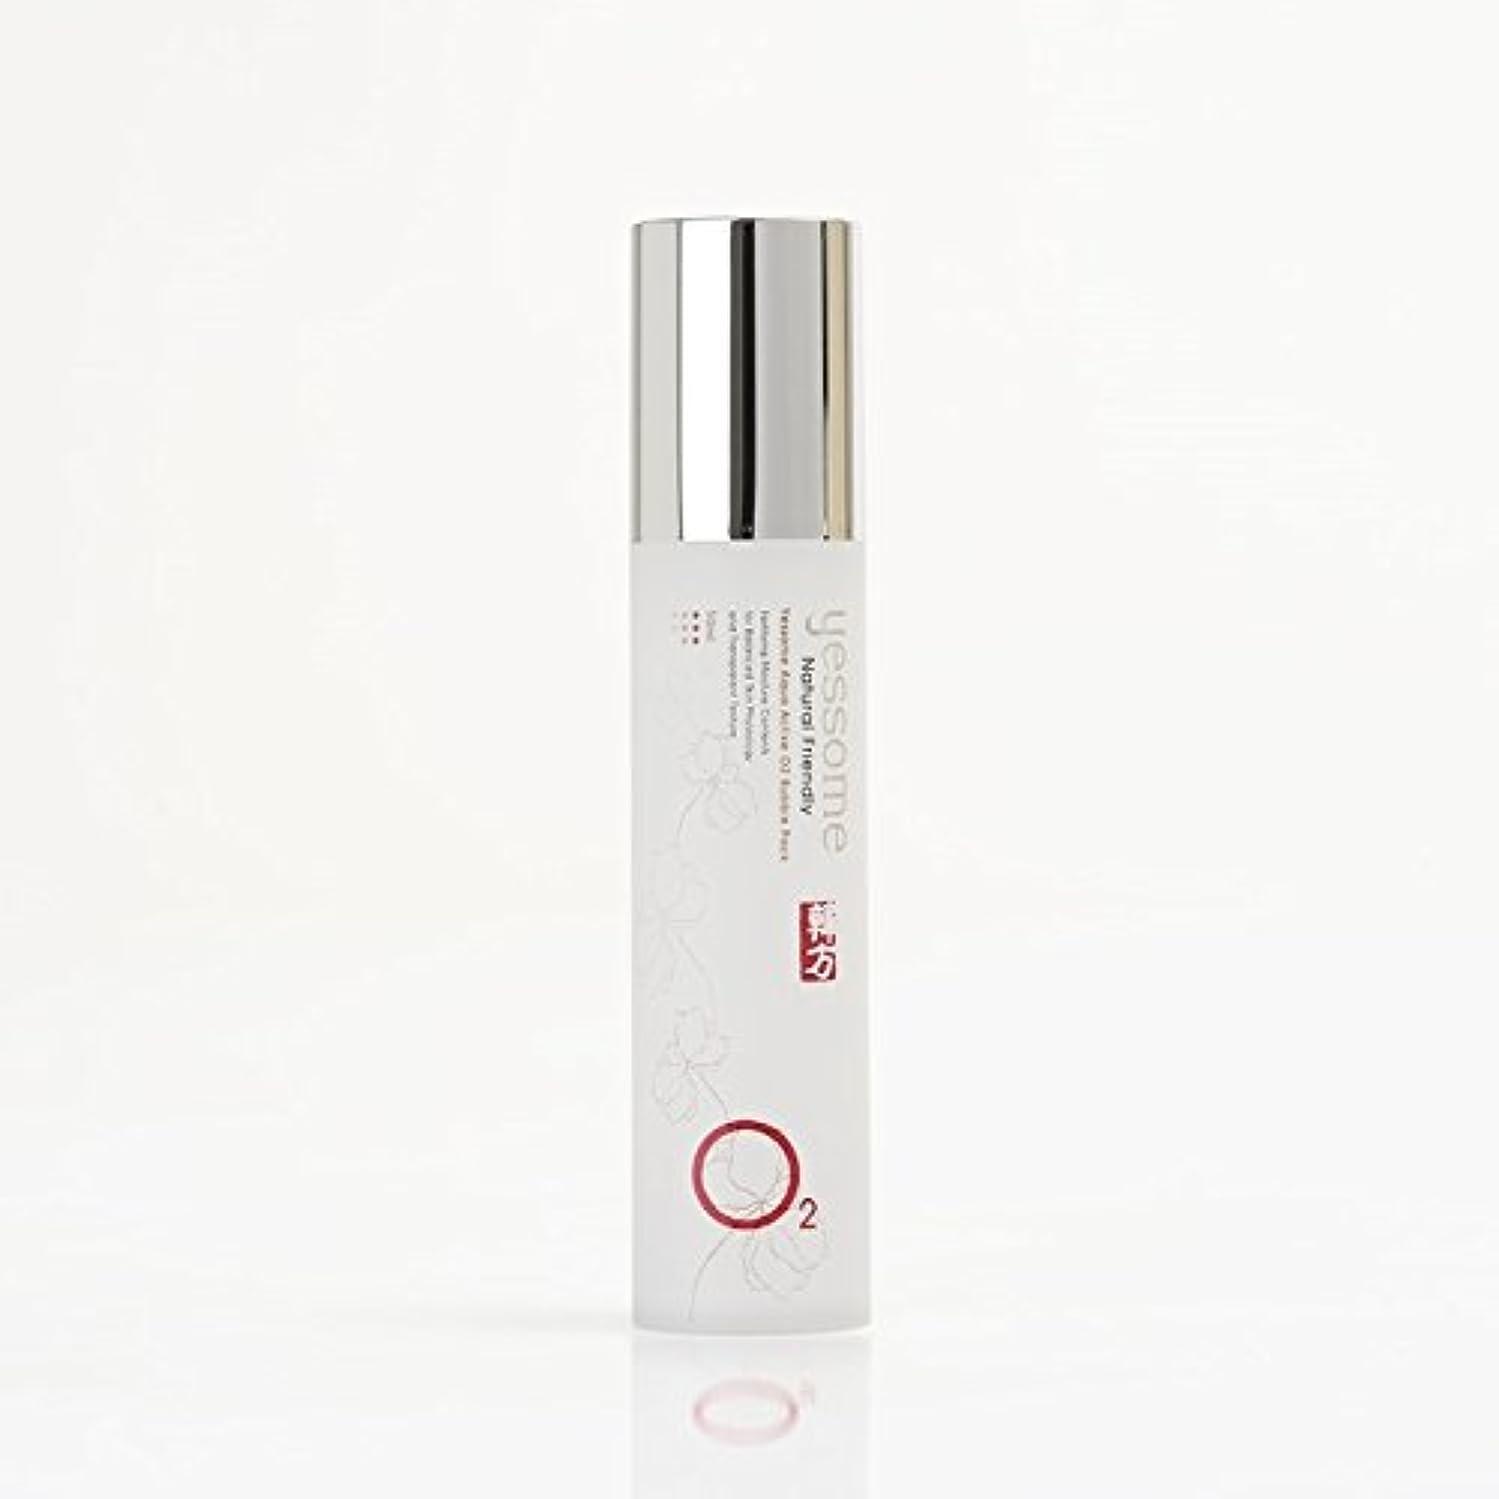 バックアップ慈悲リレーYessome O2 Bubble Pack( 50ml) -酸素バブルパック